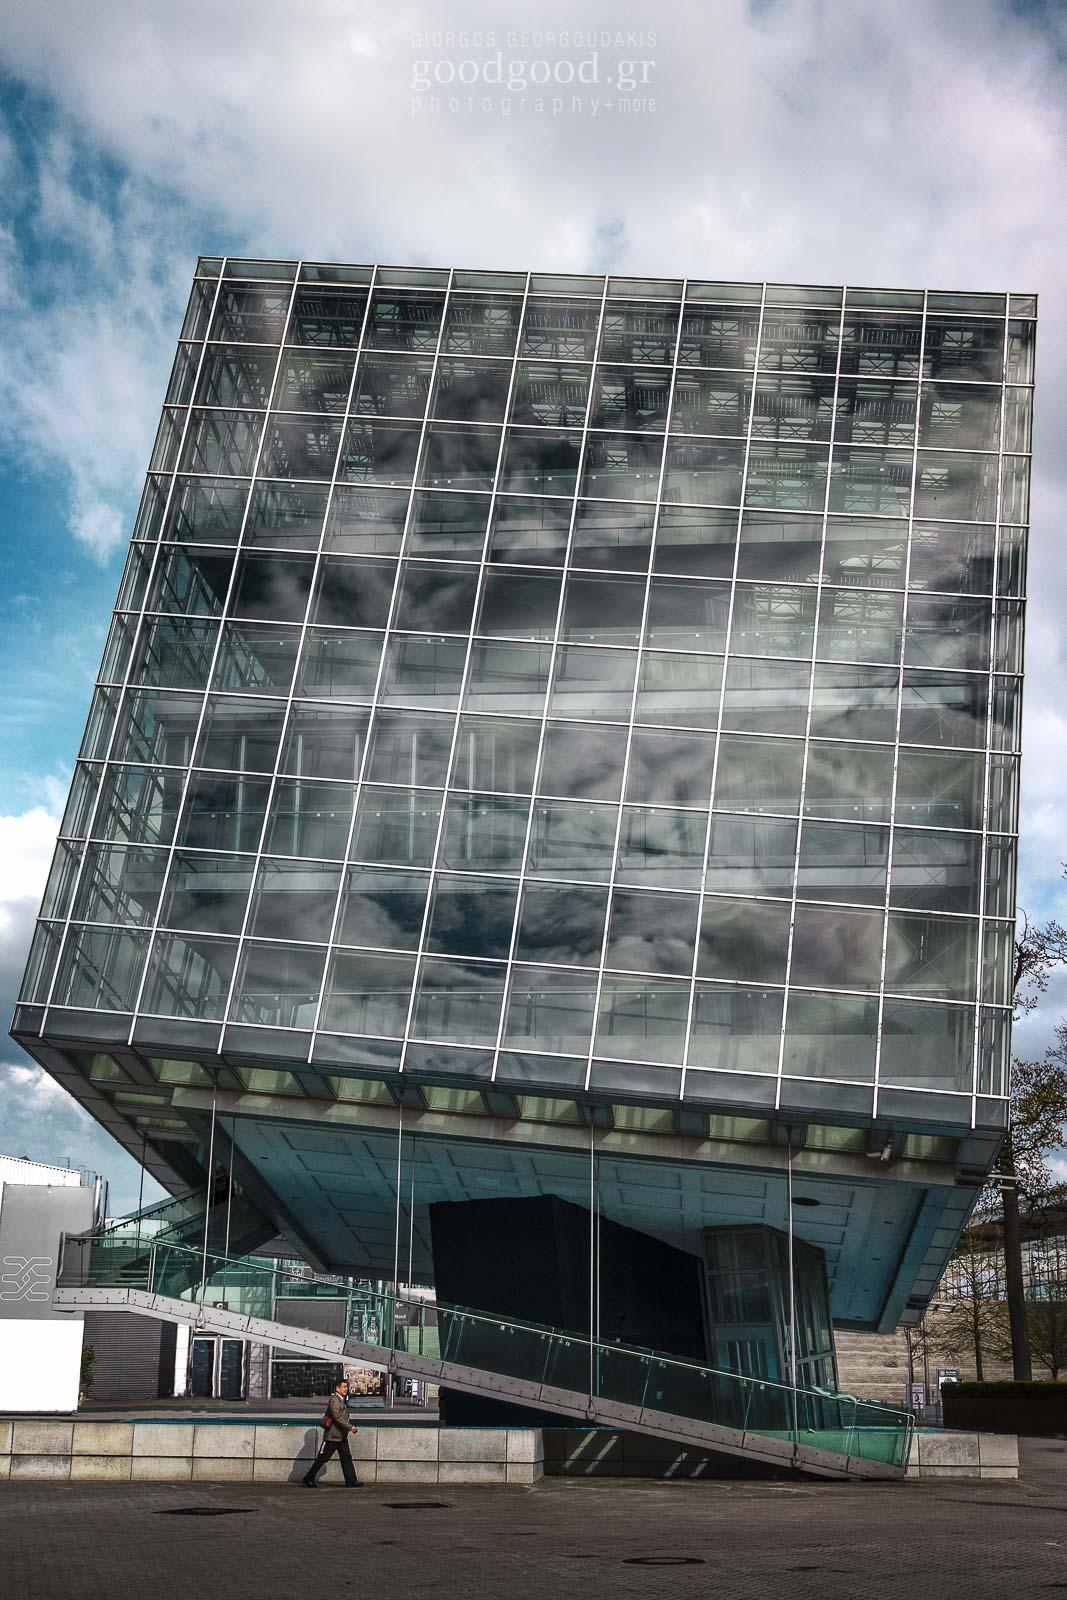 Φωτογραφία του γυάλινου κτιρίου T Cube (κεκλιμένος κύβος) στον εκθεσιακό χώρο του Ανόβερου